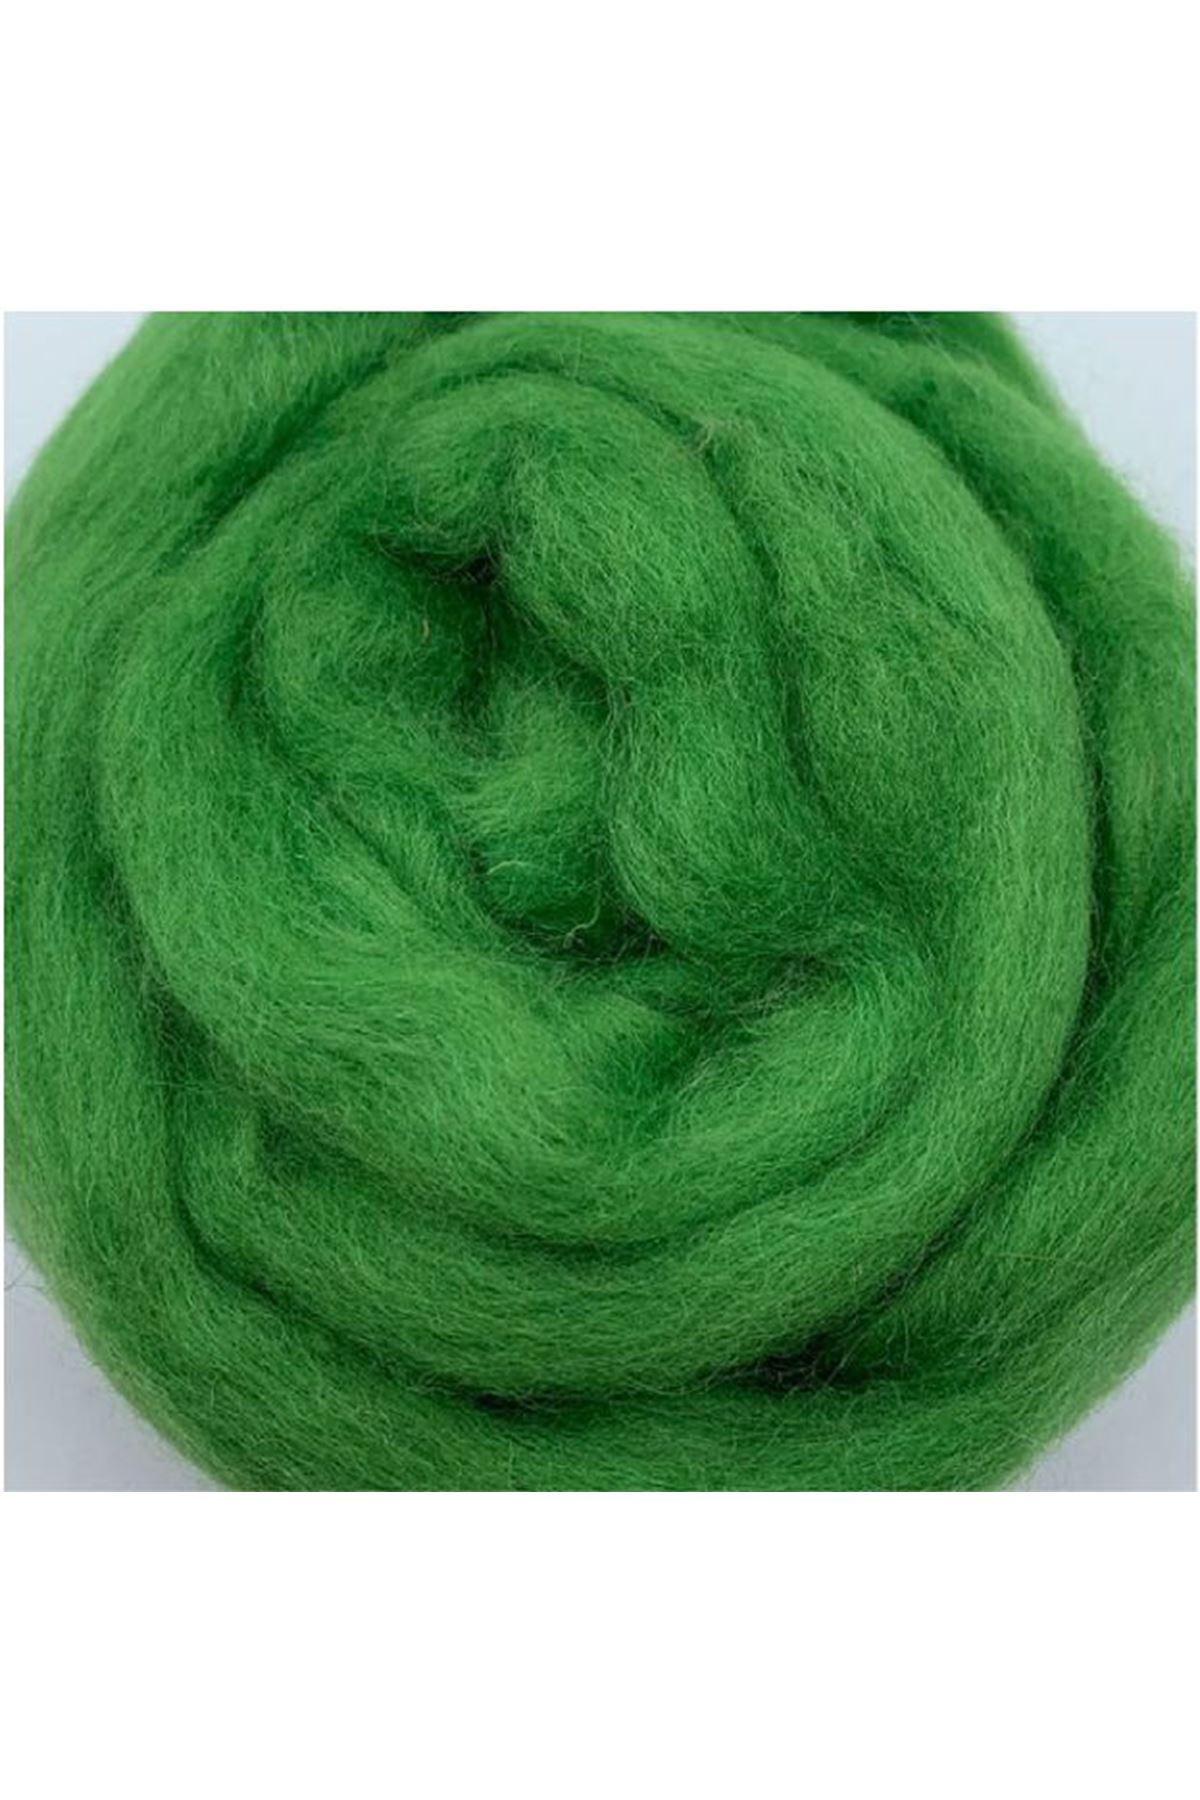 Saf Yün Keçe 25 gram 1 metre - Çimen Yeşili